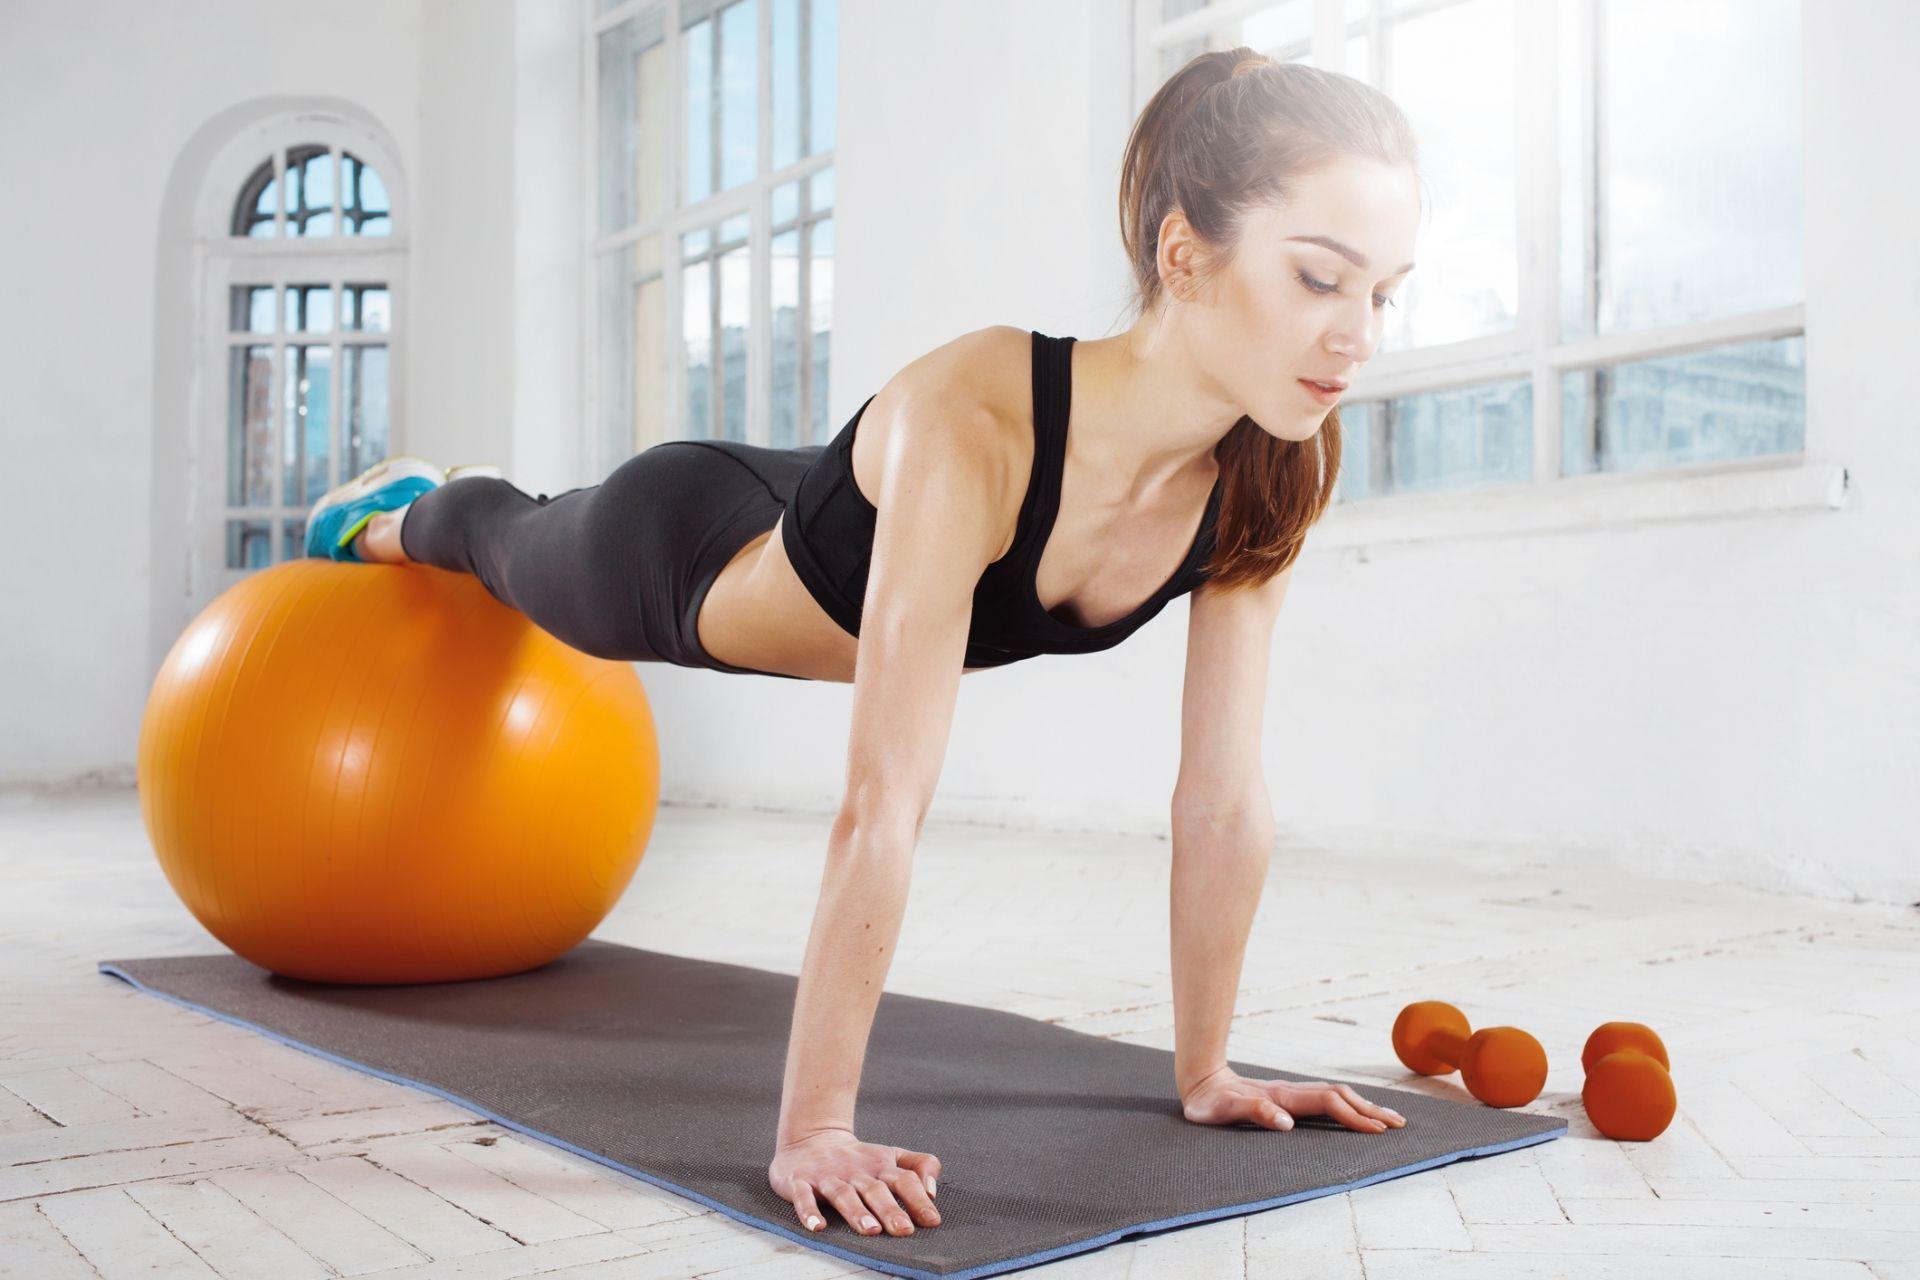 Cómo hacer pilates en casa: ejercicios para principiantes